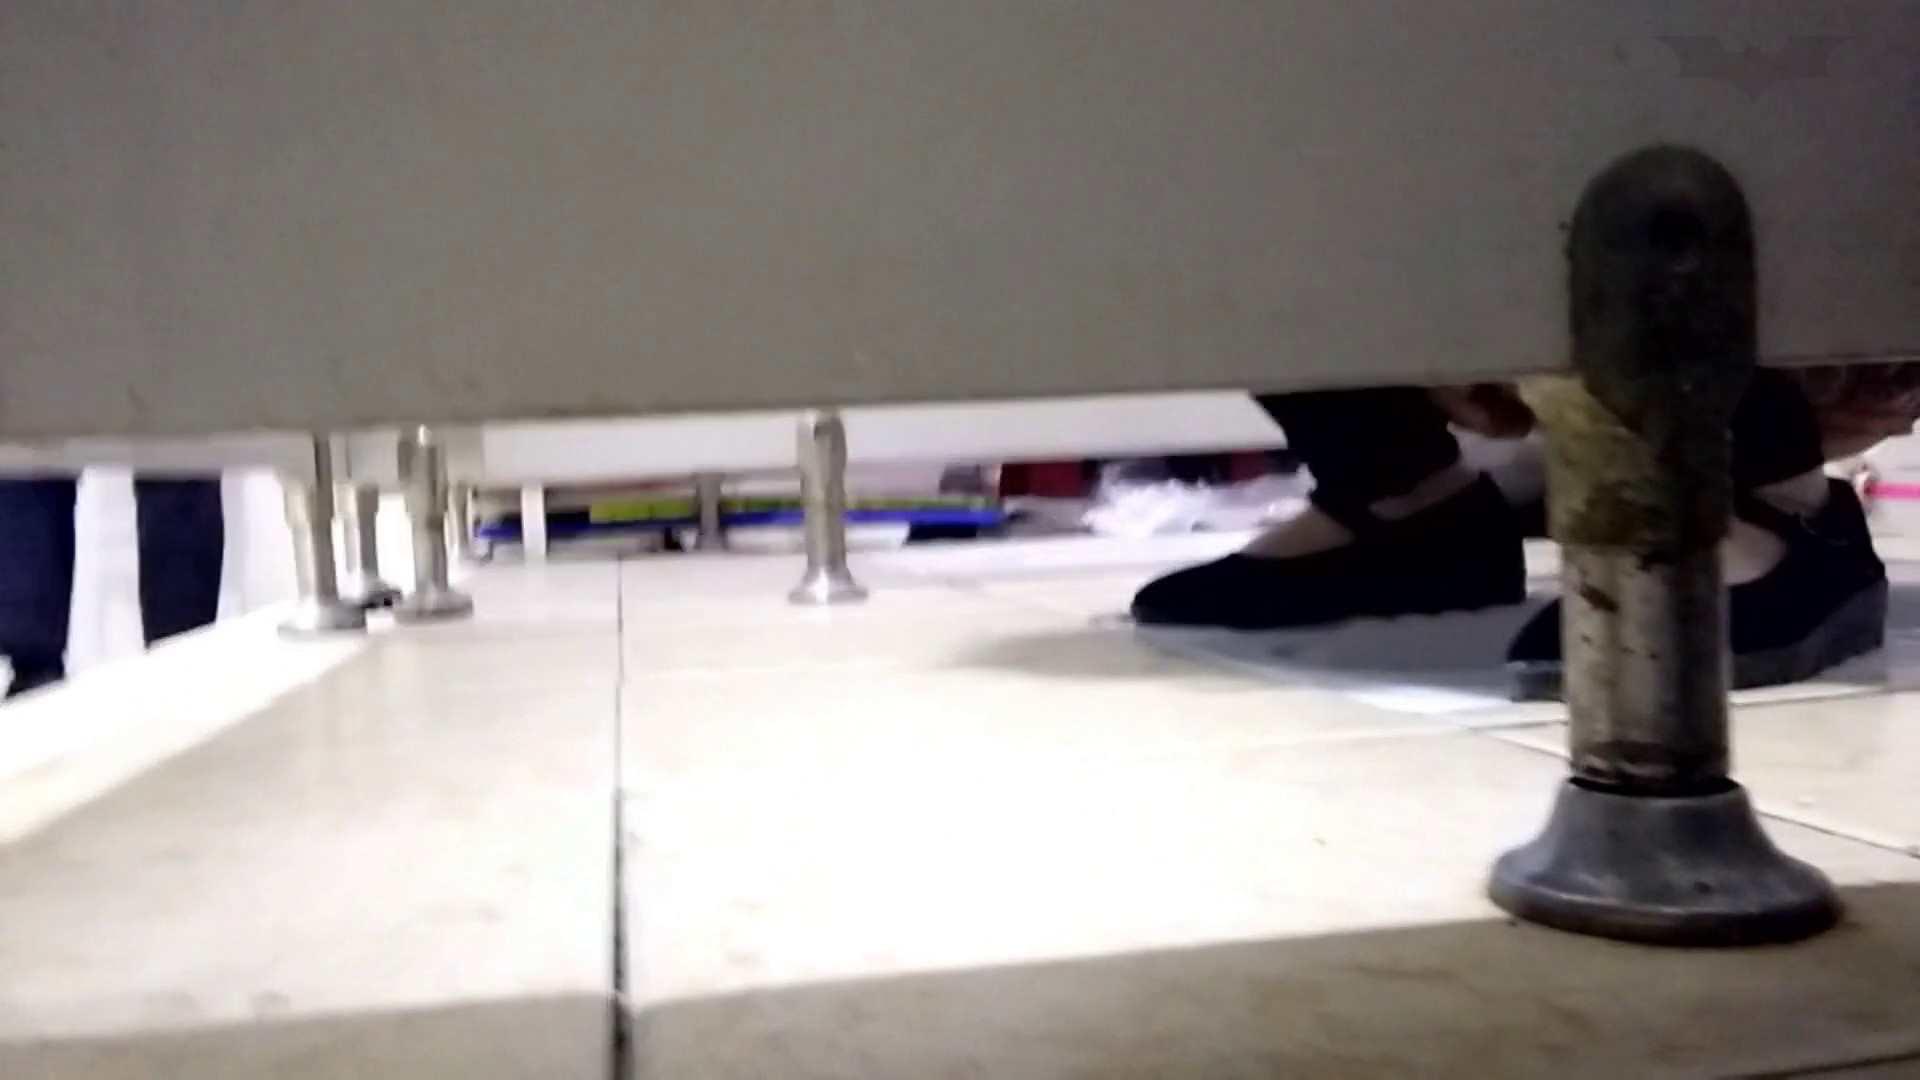 芸術大学ガチ潜入盗撮 JD盗撮 美女の洗面所の秘密 Vol.105 OLの実態 盗撮セックス無修正動画無料 29pic 14